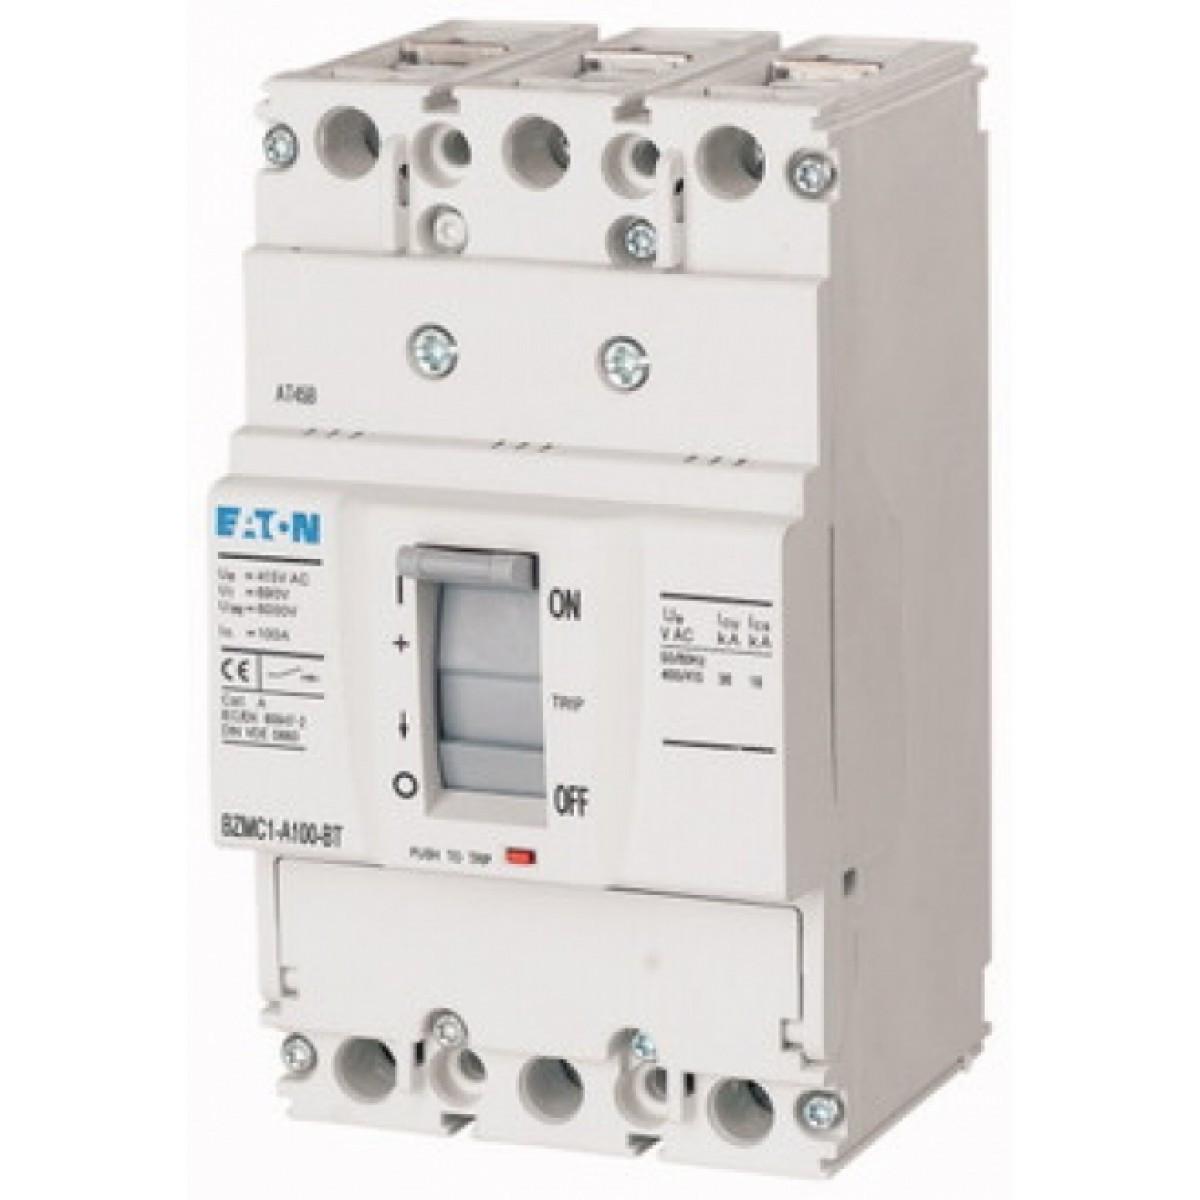 Выключатель автоматический BZMB1-A50 (50А 25кА) Eaton (109723)